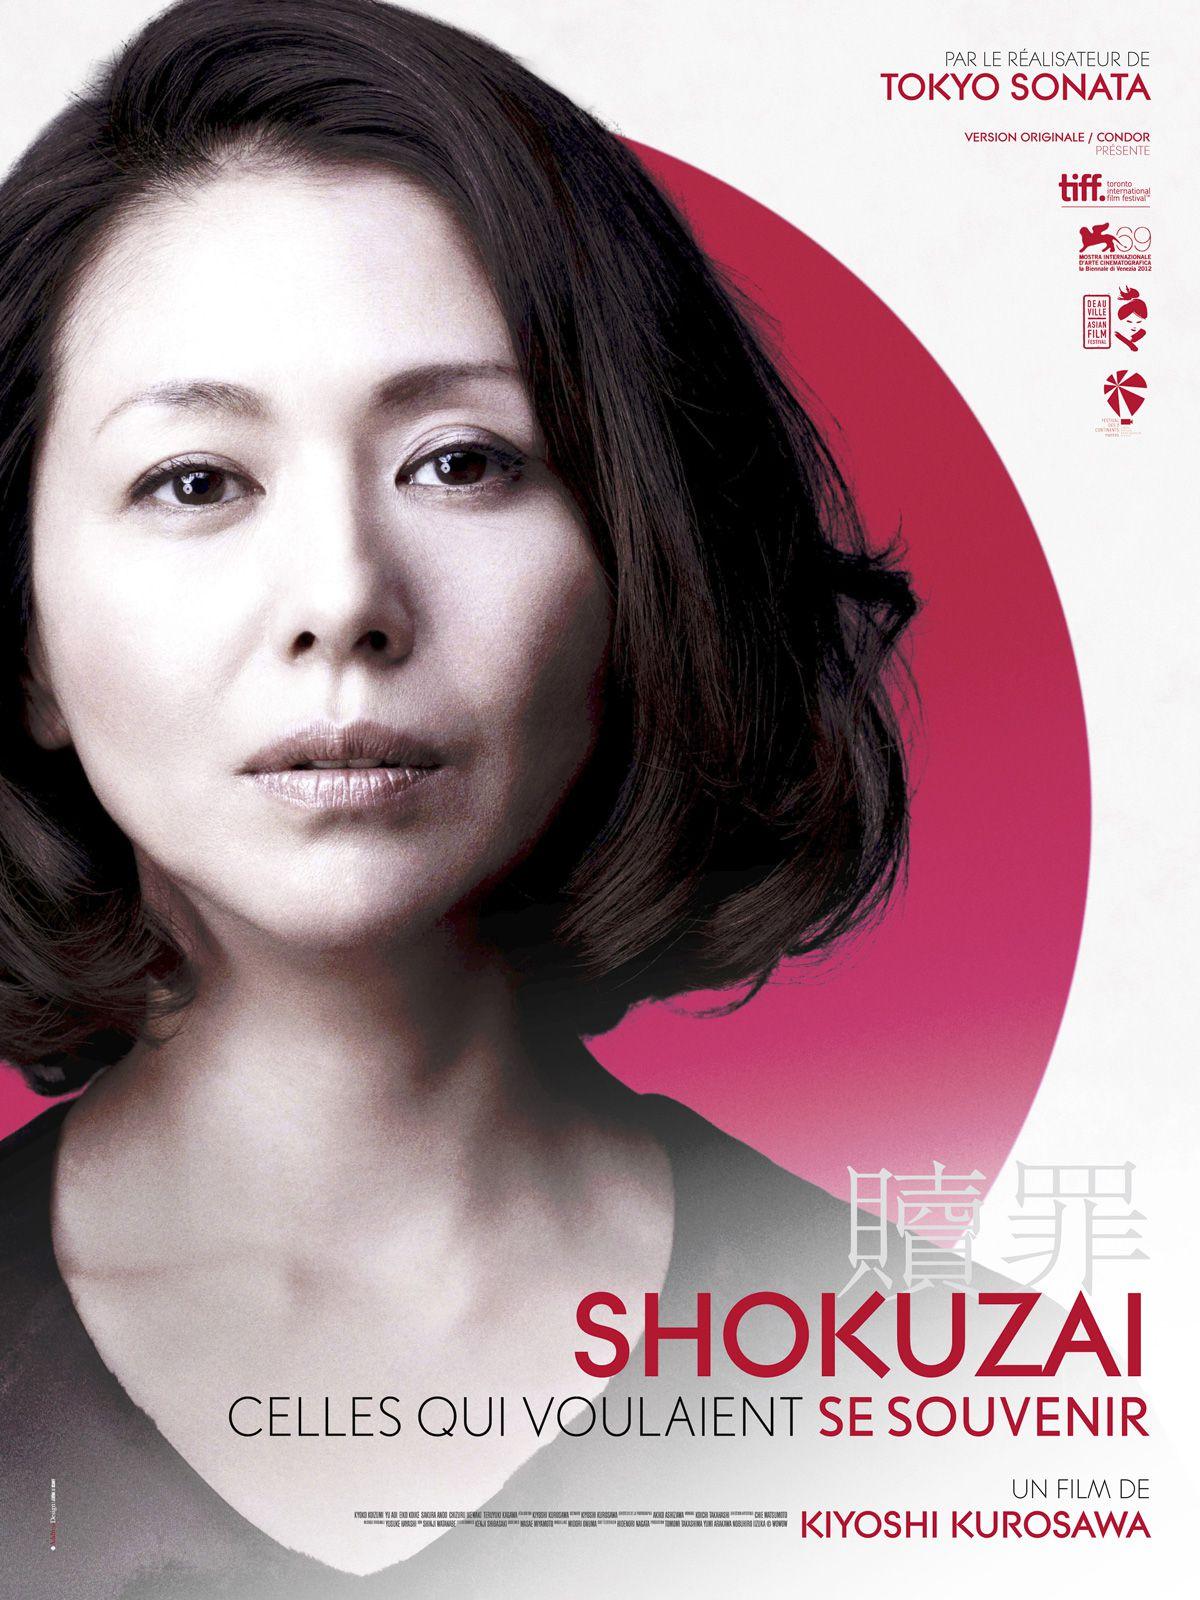 Shokuzai : Celles qui voulaient se souvenir - Film (2013)